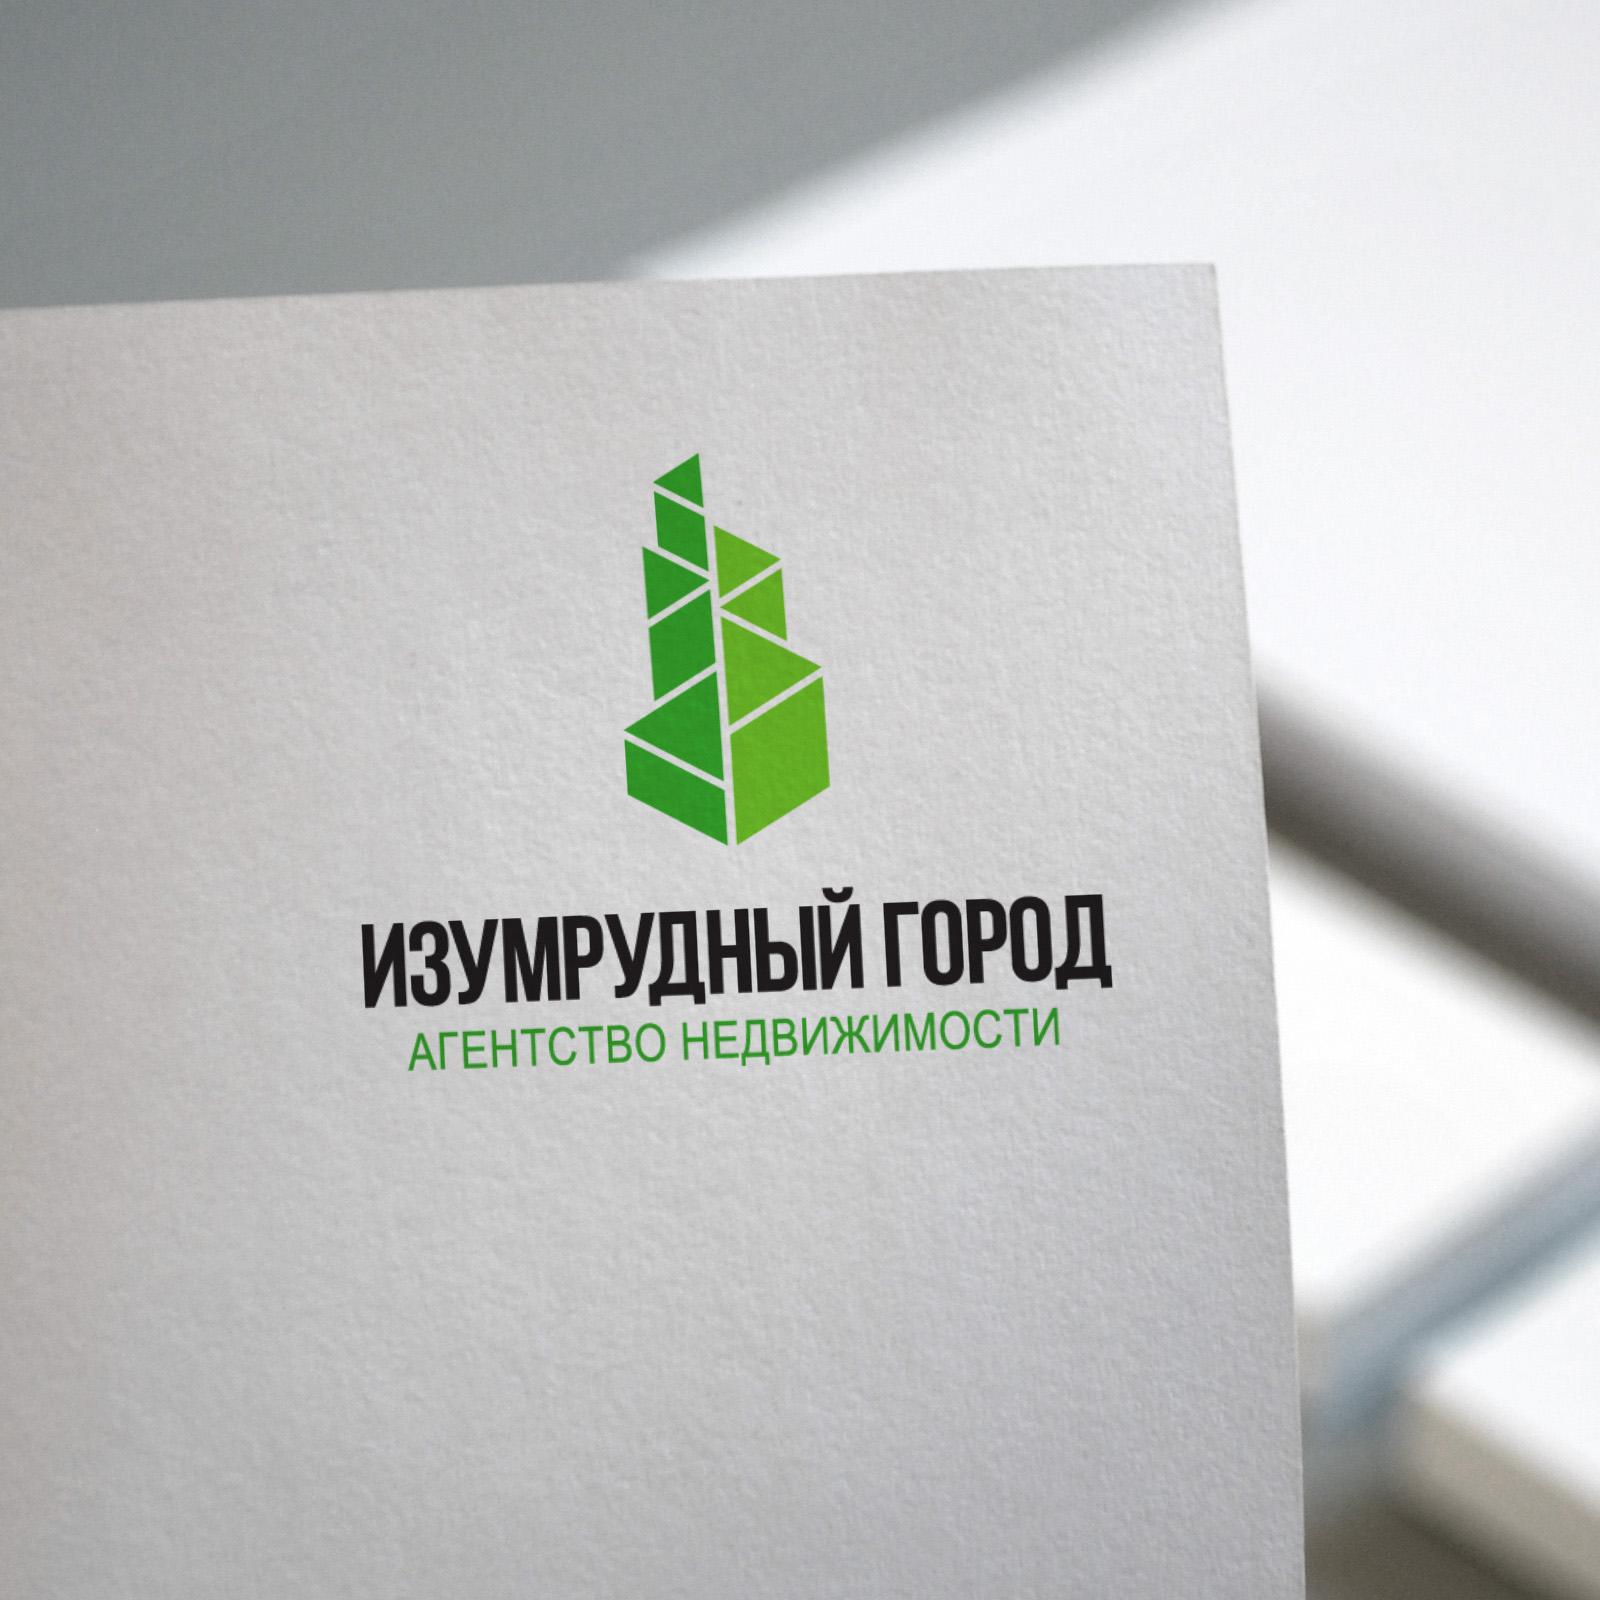 Шаблон для презентации логотипа